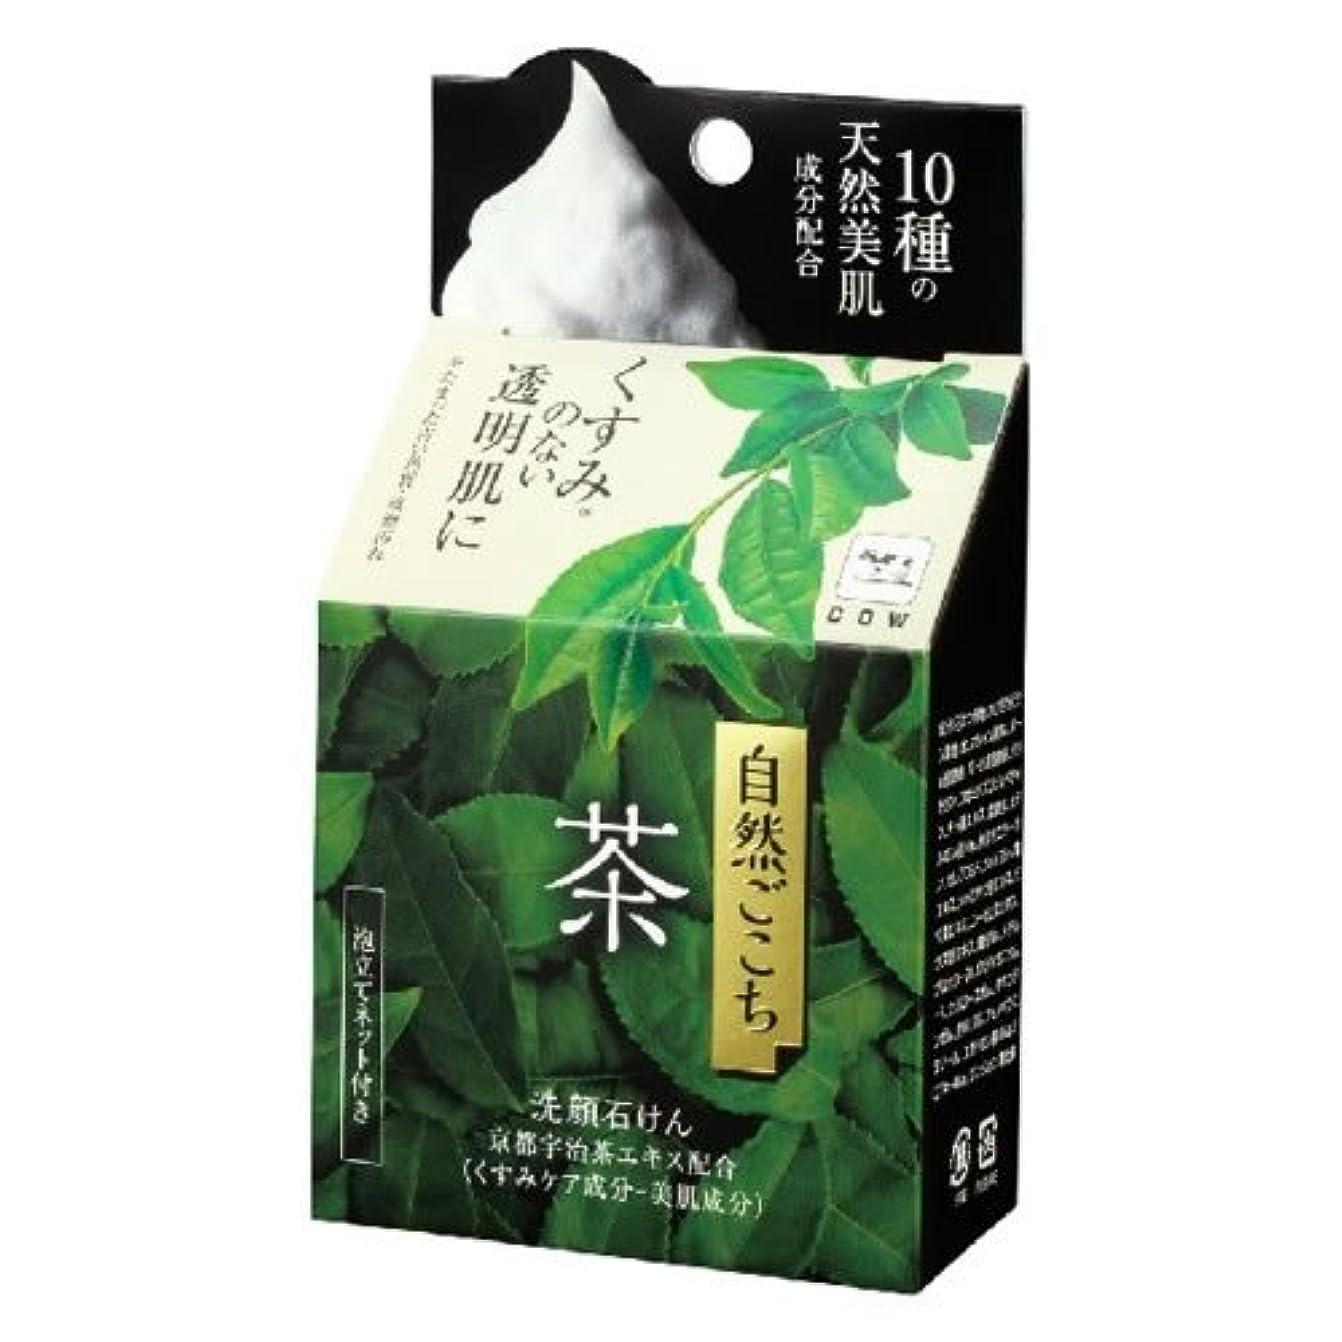 昇進万歳アノイ牛乳石鹸共進社 自然ごこち 茶 洗顔石けん 80g (お茶エキス配合洗顔せっけん) ×48点セット (4901525002288)